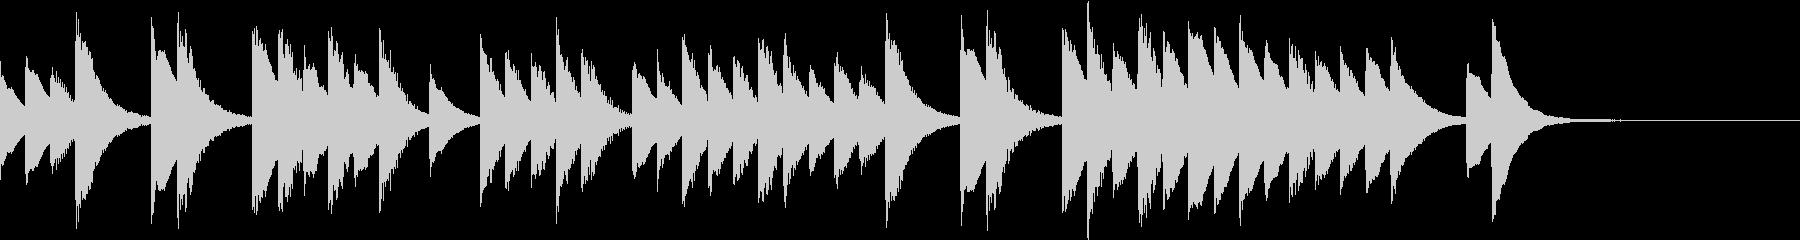 優しい気持ちになれるシンプルな鉄琴音楽の未再生の波形